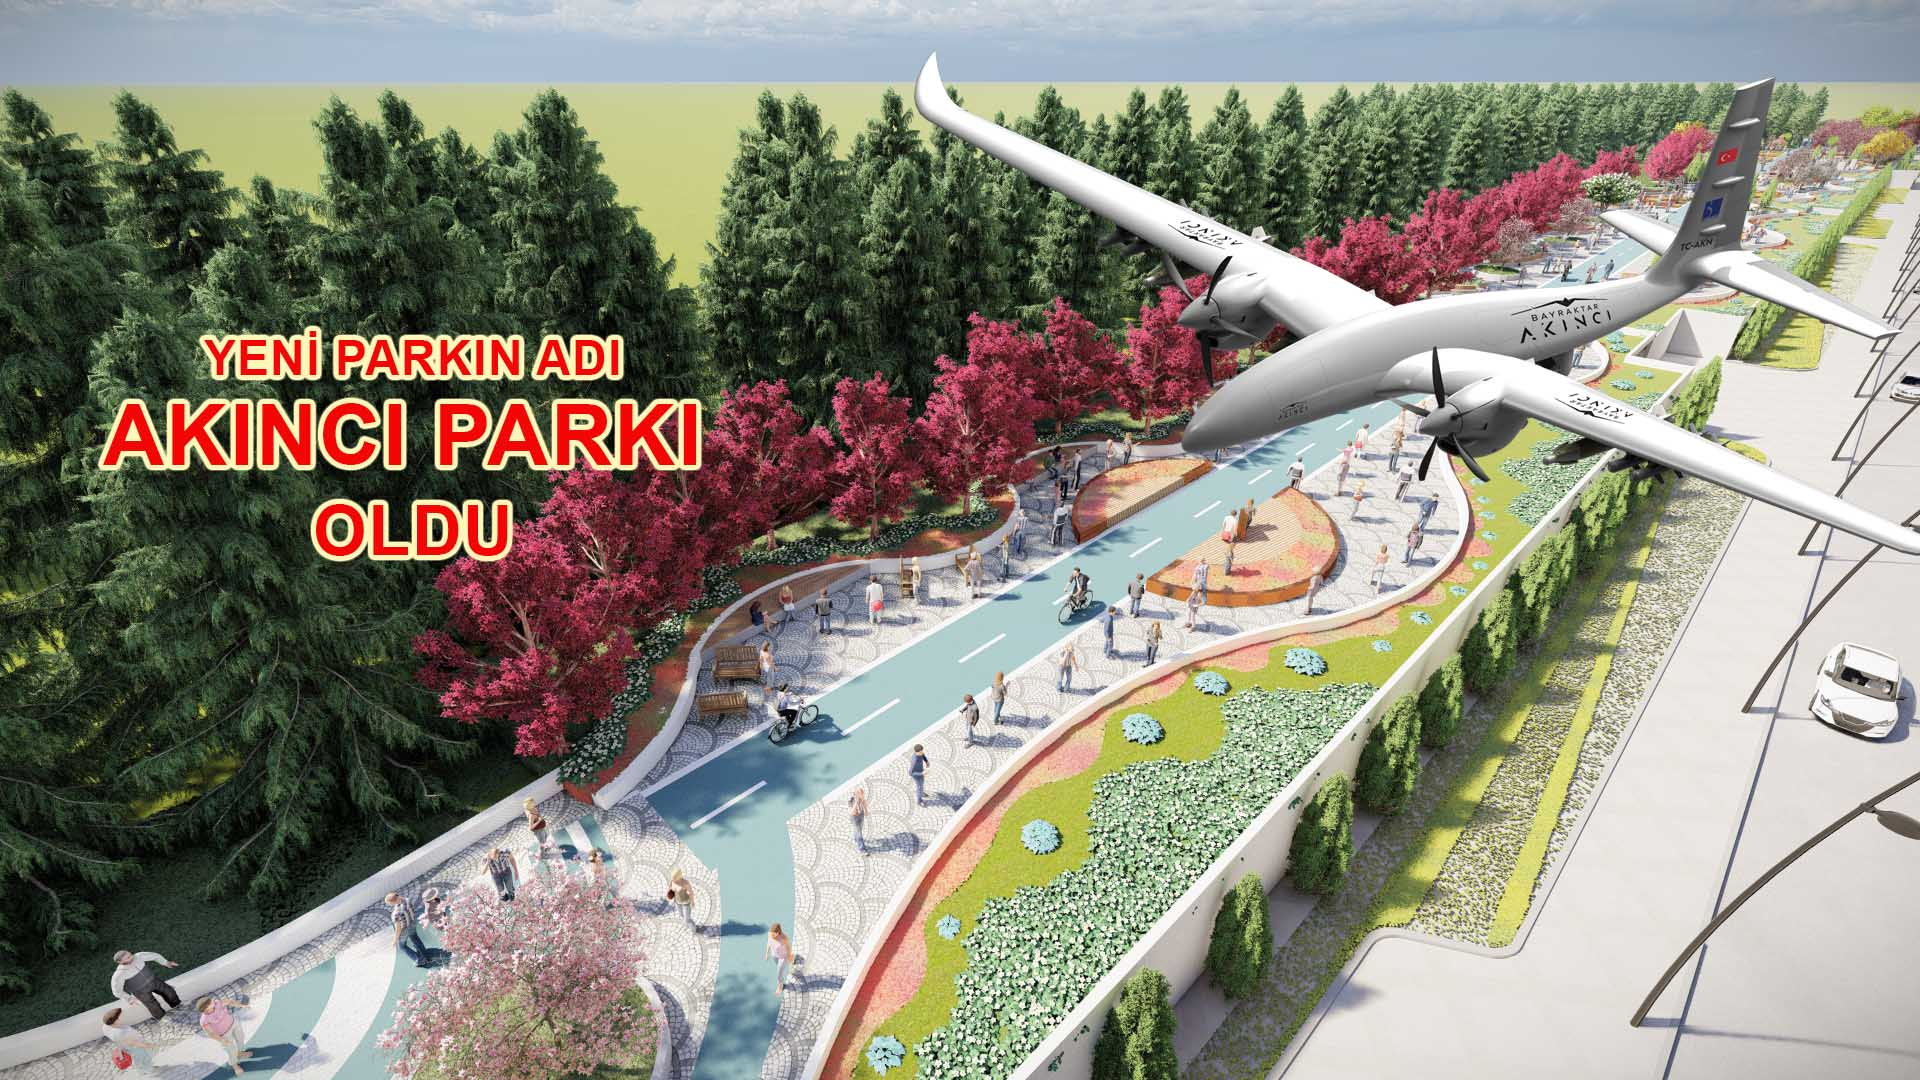 Yeni parkın adı AKINCI PARKI oldu!